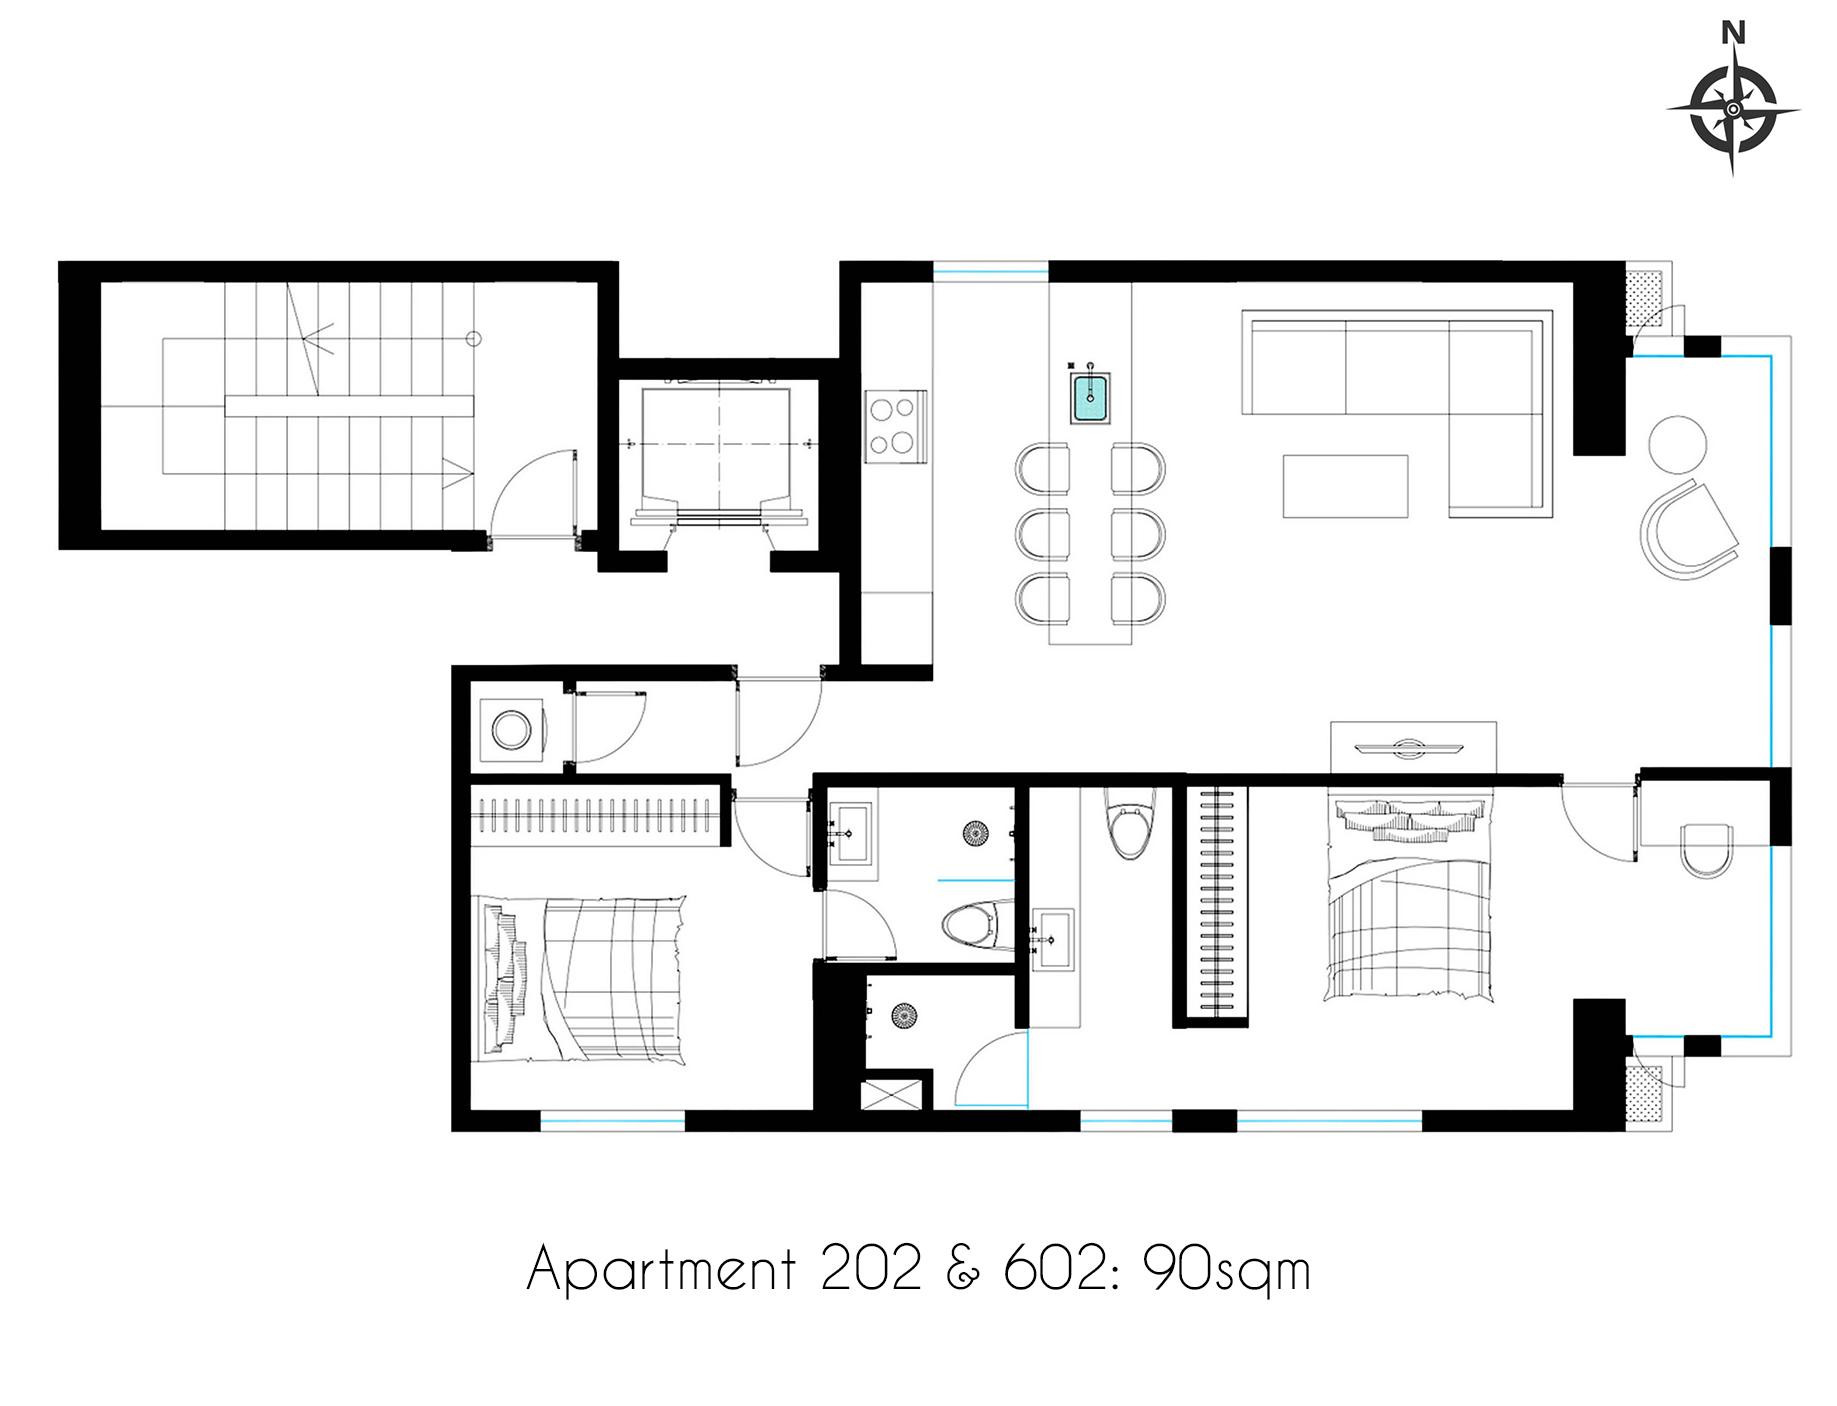 habitat-condos-plans-202-&-602.png